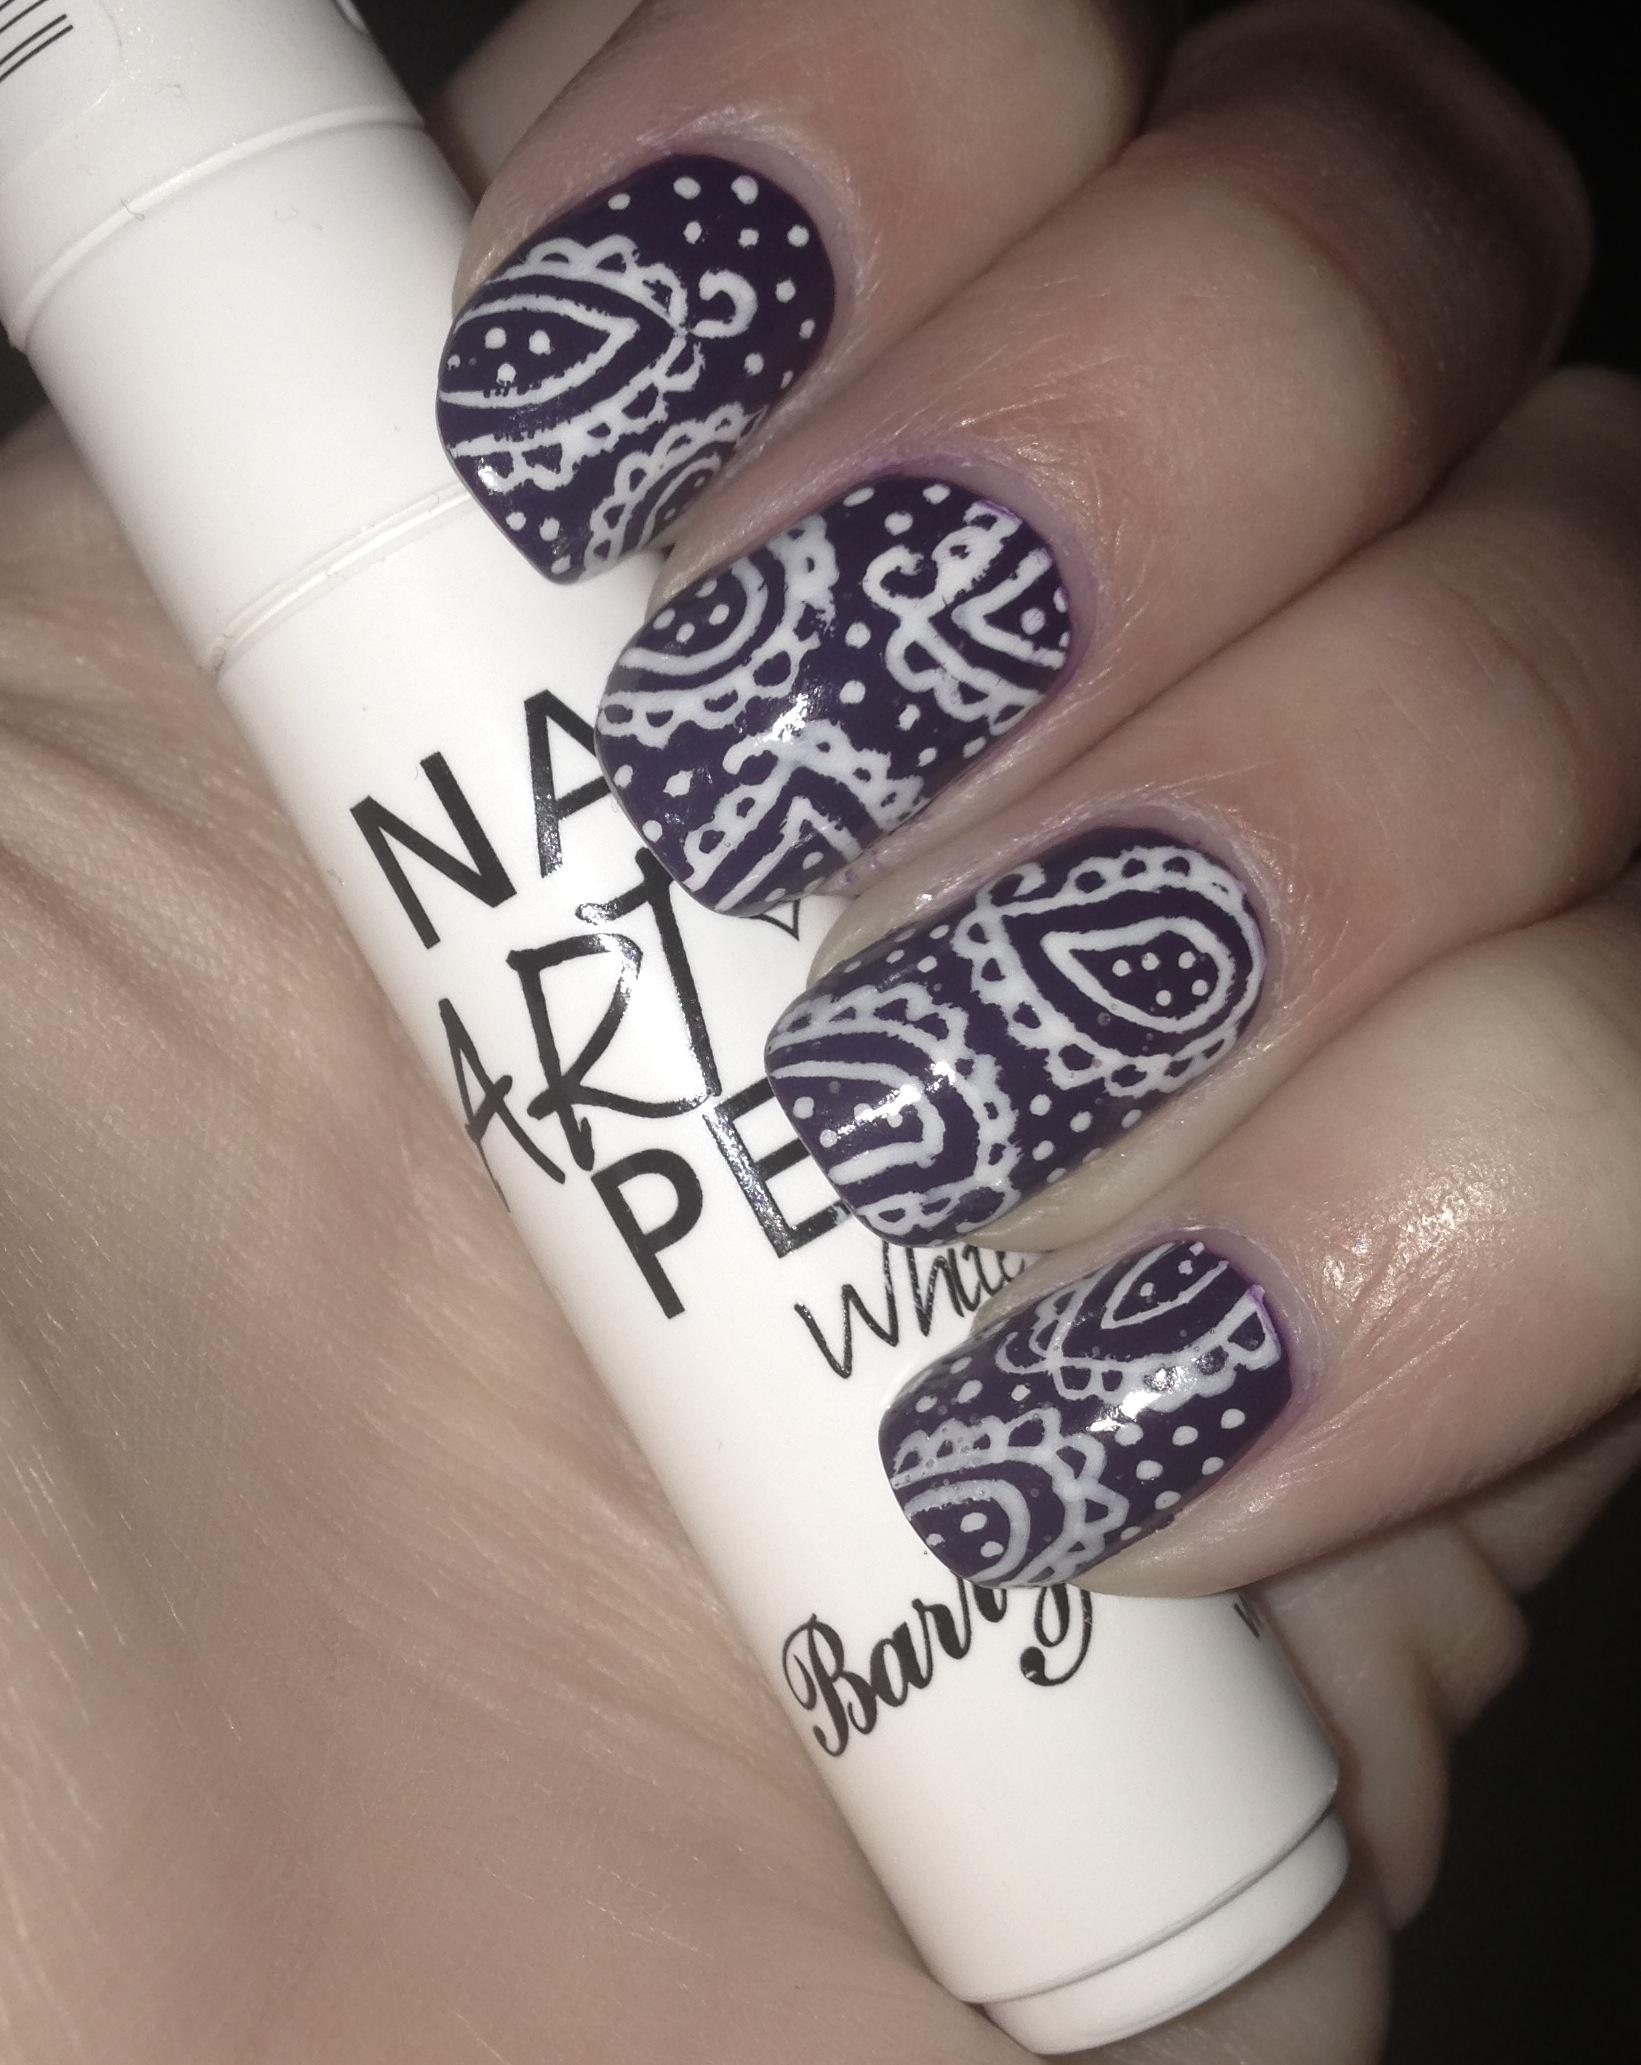 nail polish | A Sparkling Finish | Page 12